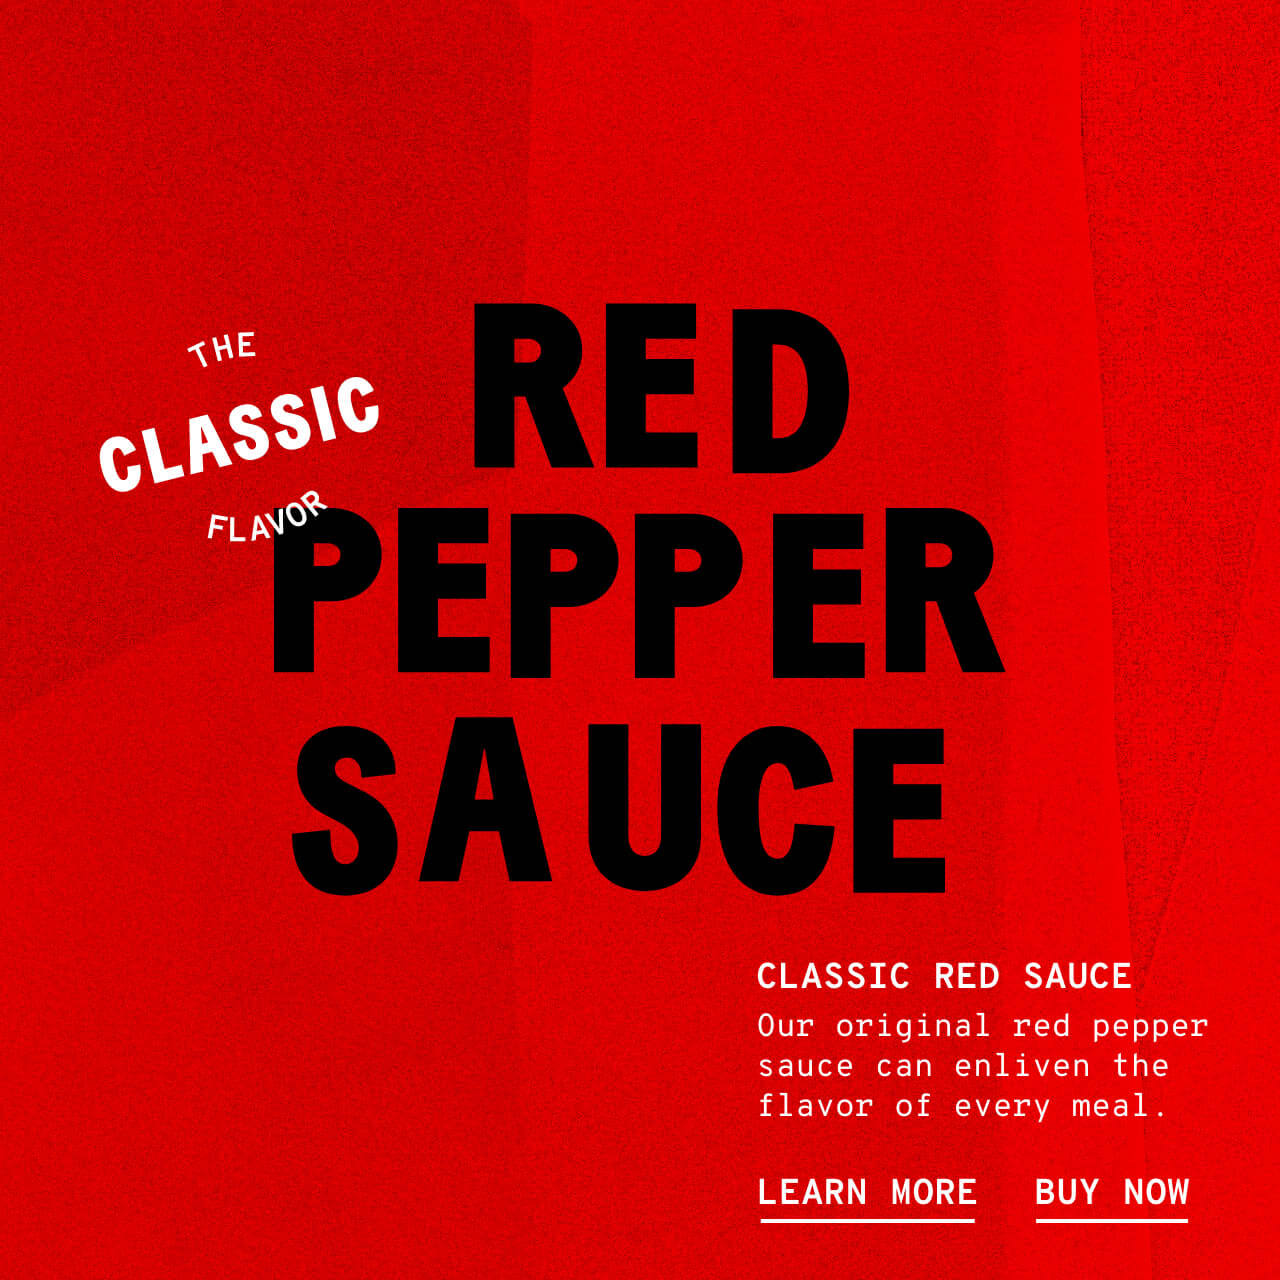 Classic Red Sauce - Description